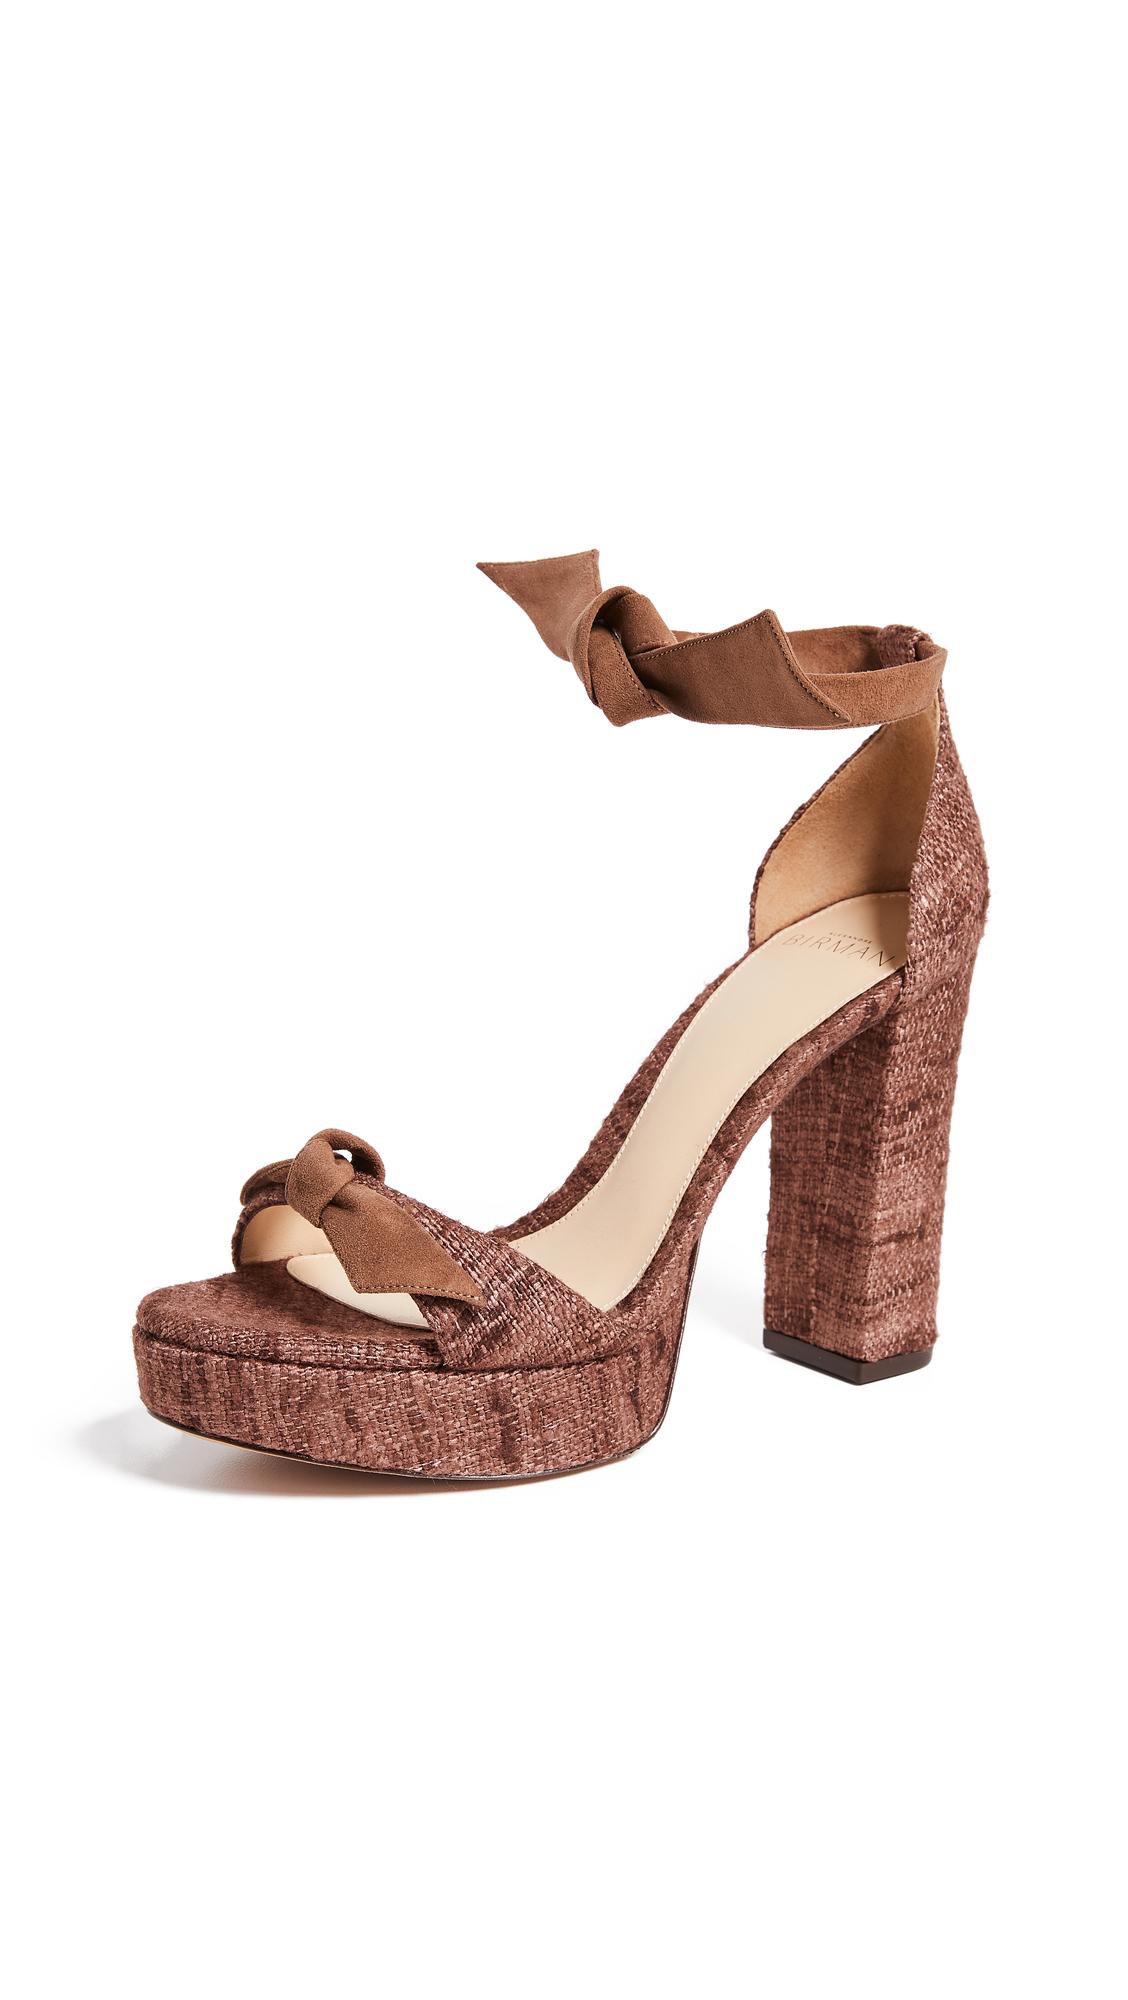 Alexandre Birman Clarita Platform Sandals - Cobble